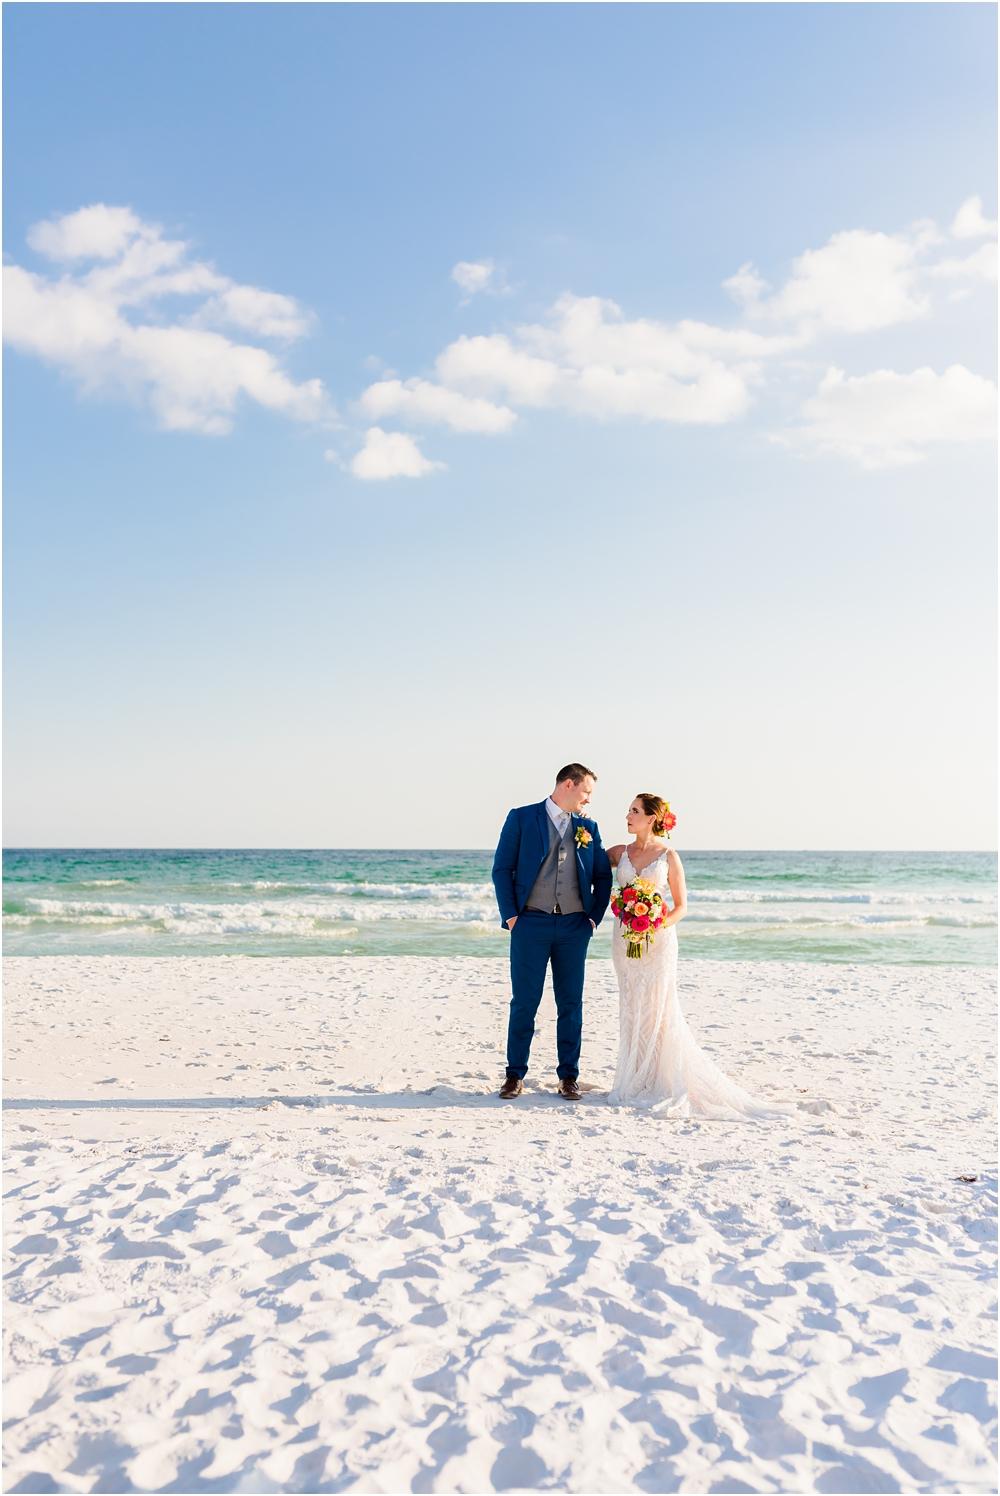 destin-sunquest-cruise-wedding-kiersten-stevenson-photography-97.jpg